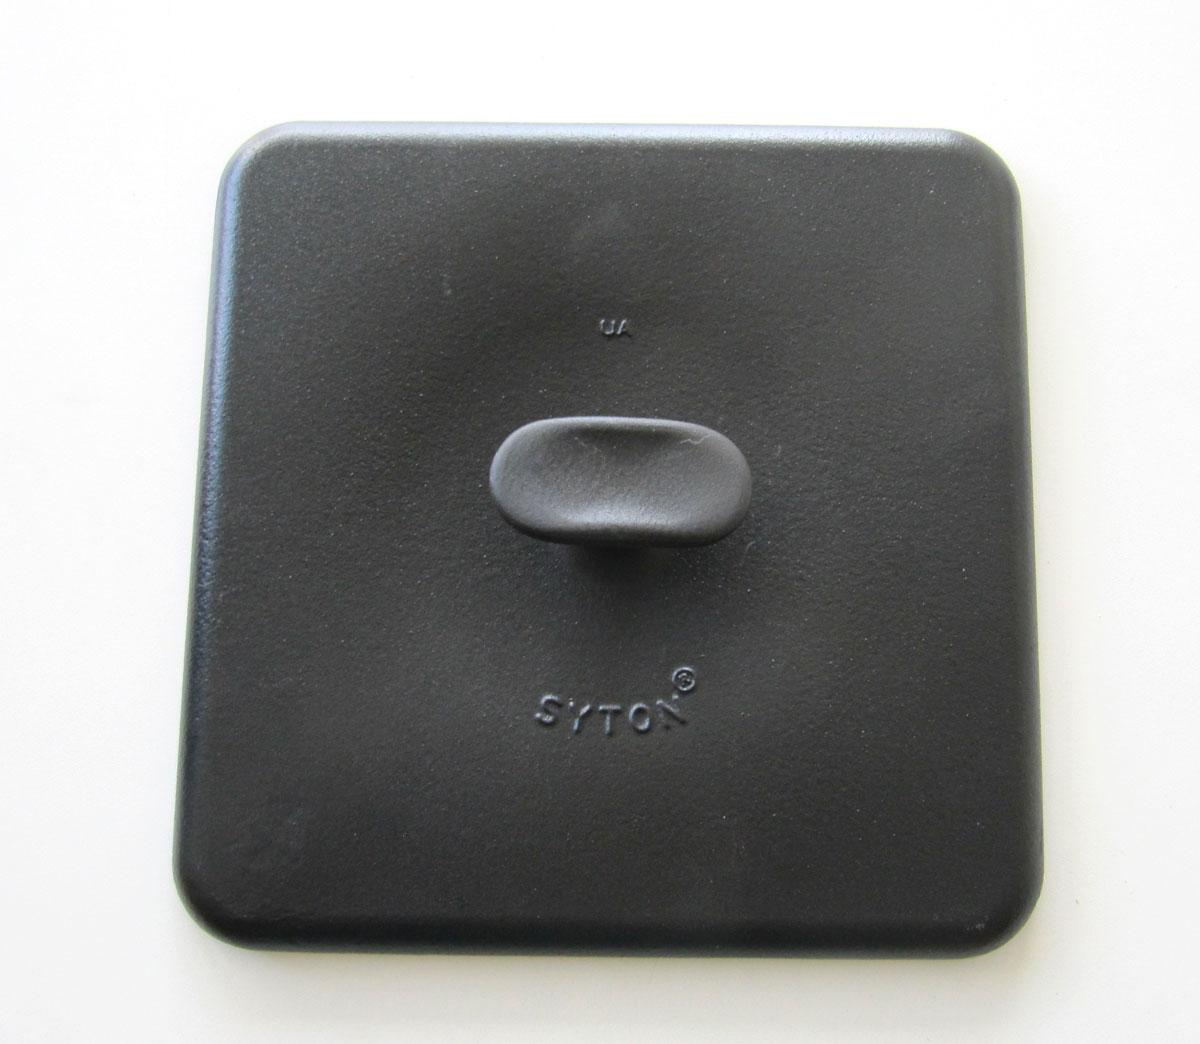 Presse für Syton Gusseisen Grillpfanne 28x28cm Bild 1